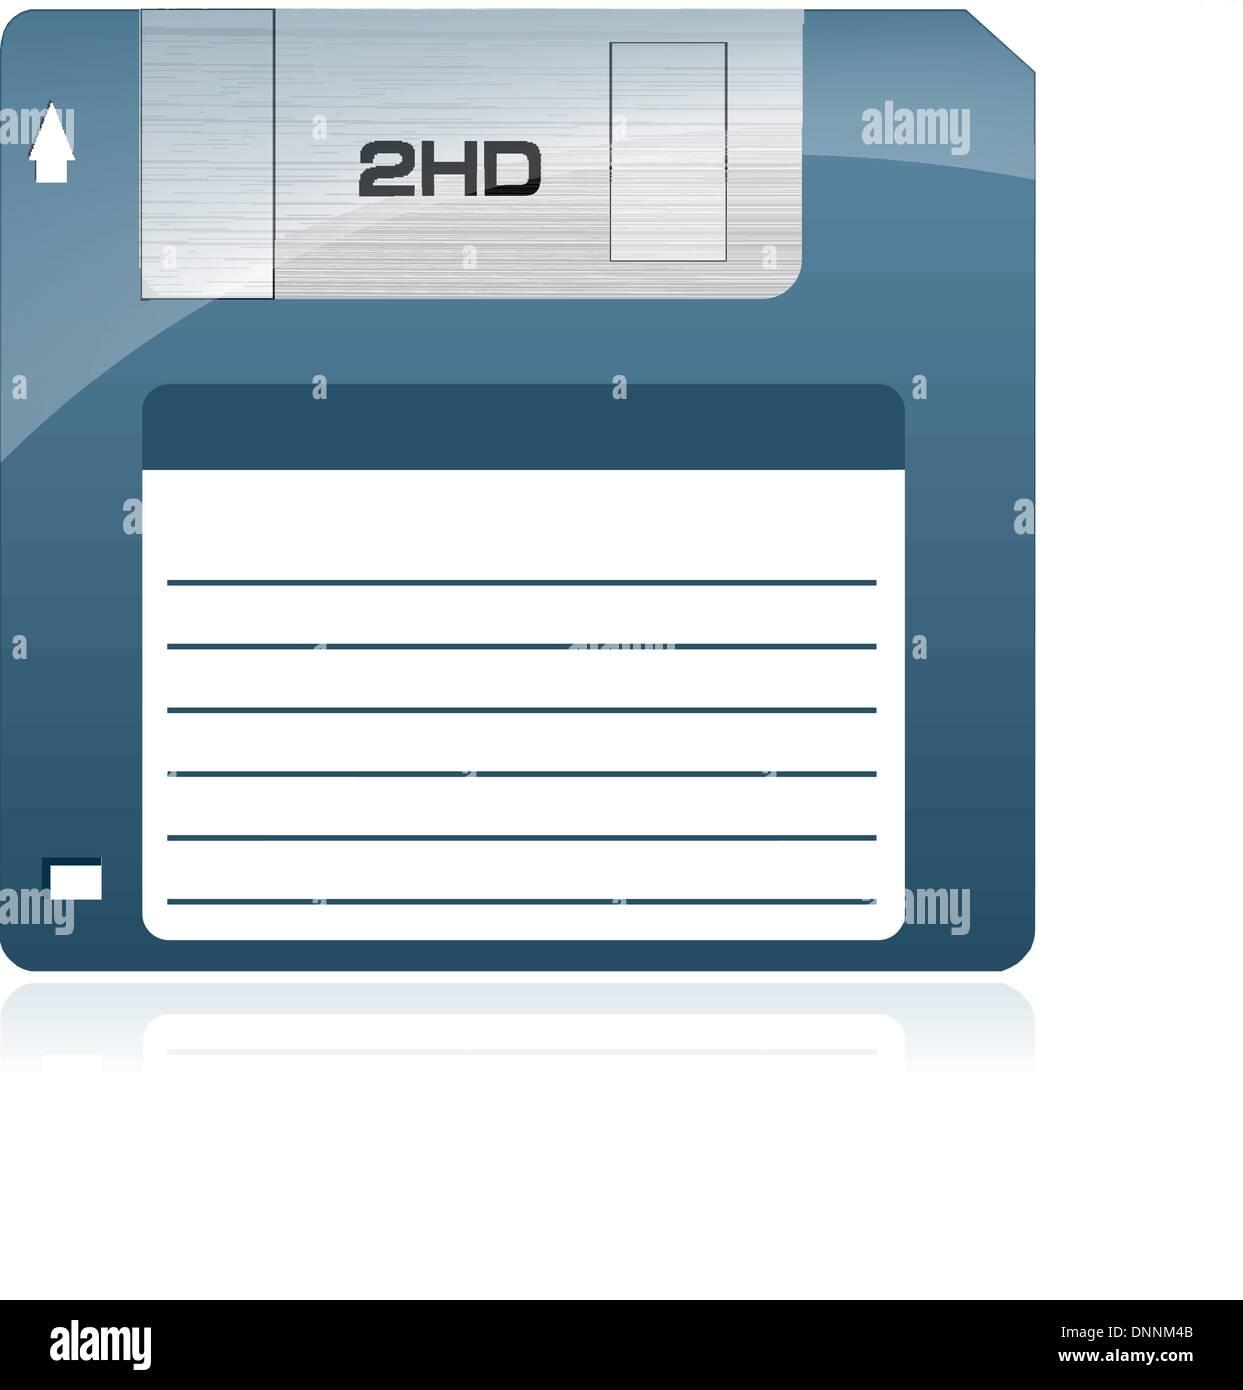 Floppy - Stock Image